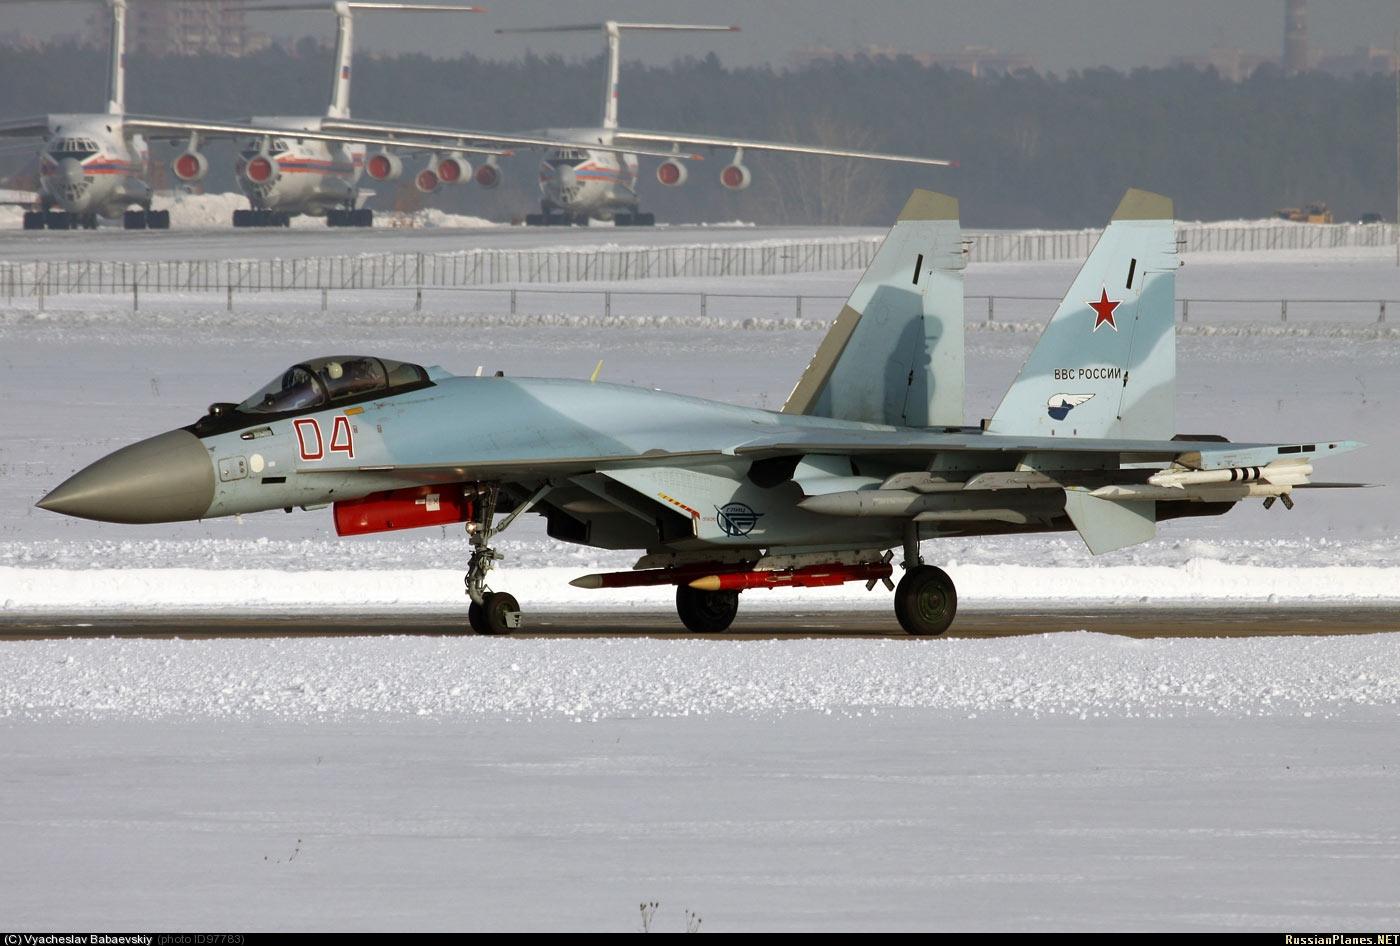 http://www.militaryrussia.ru/